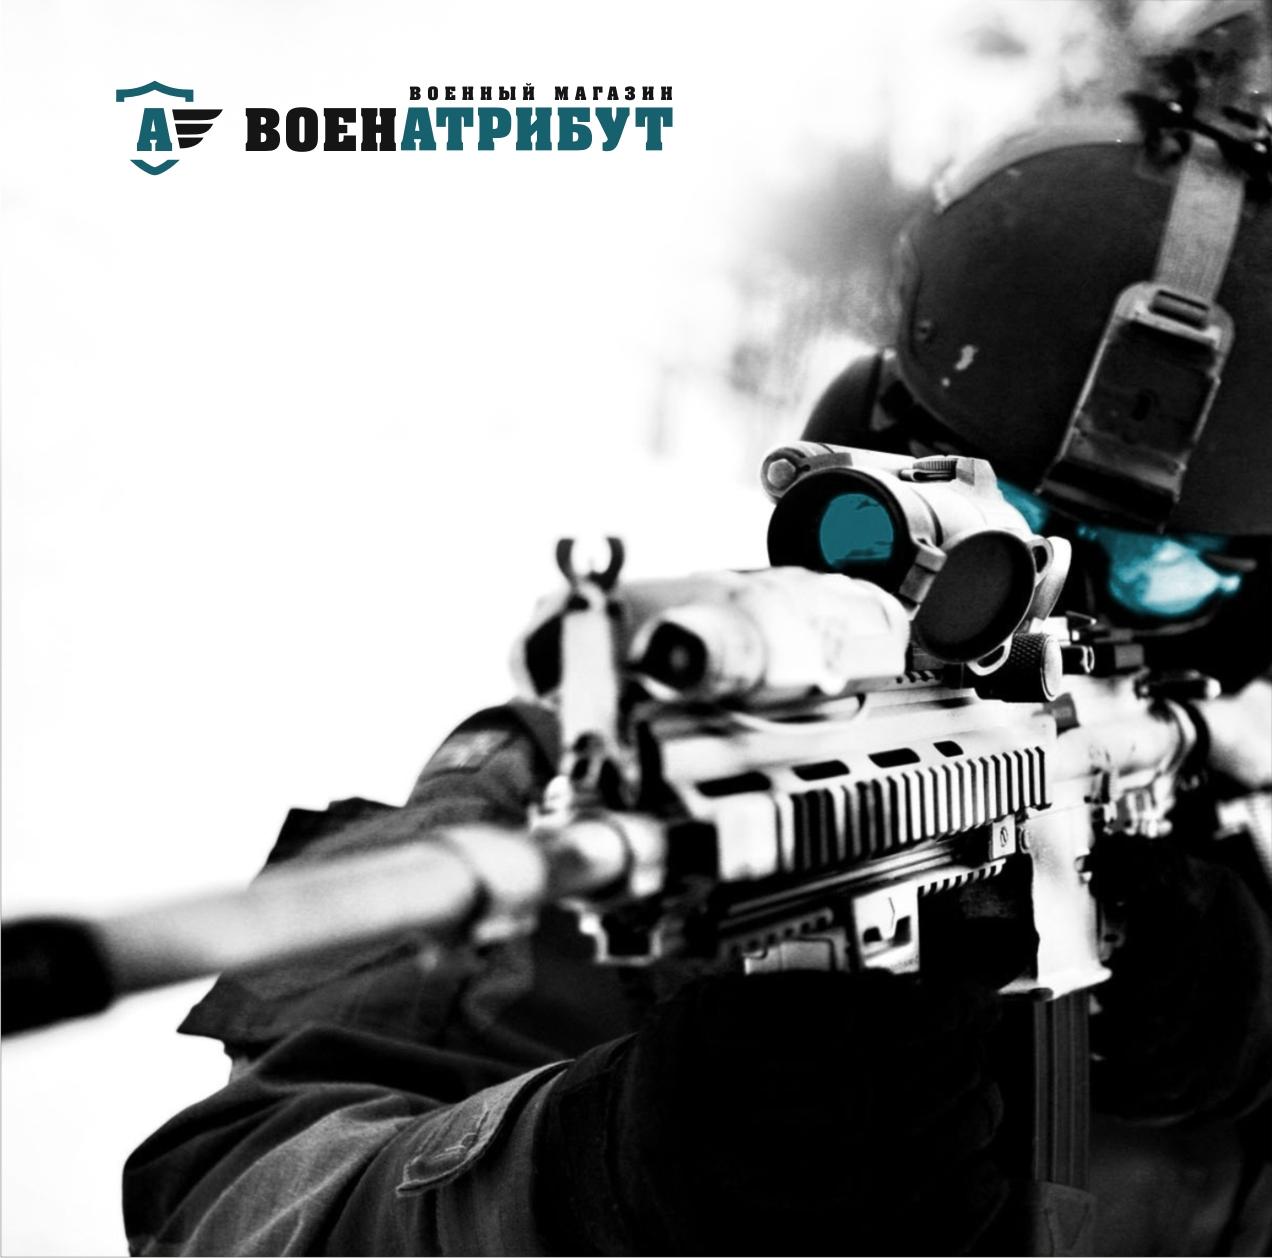 Разработка логотипа для компании военной тематики фото f_851602403e6c384c.jpg